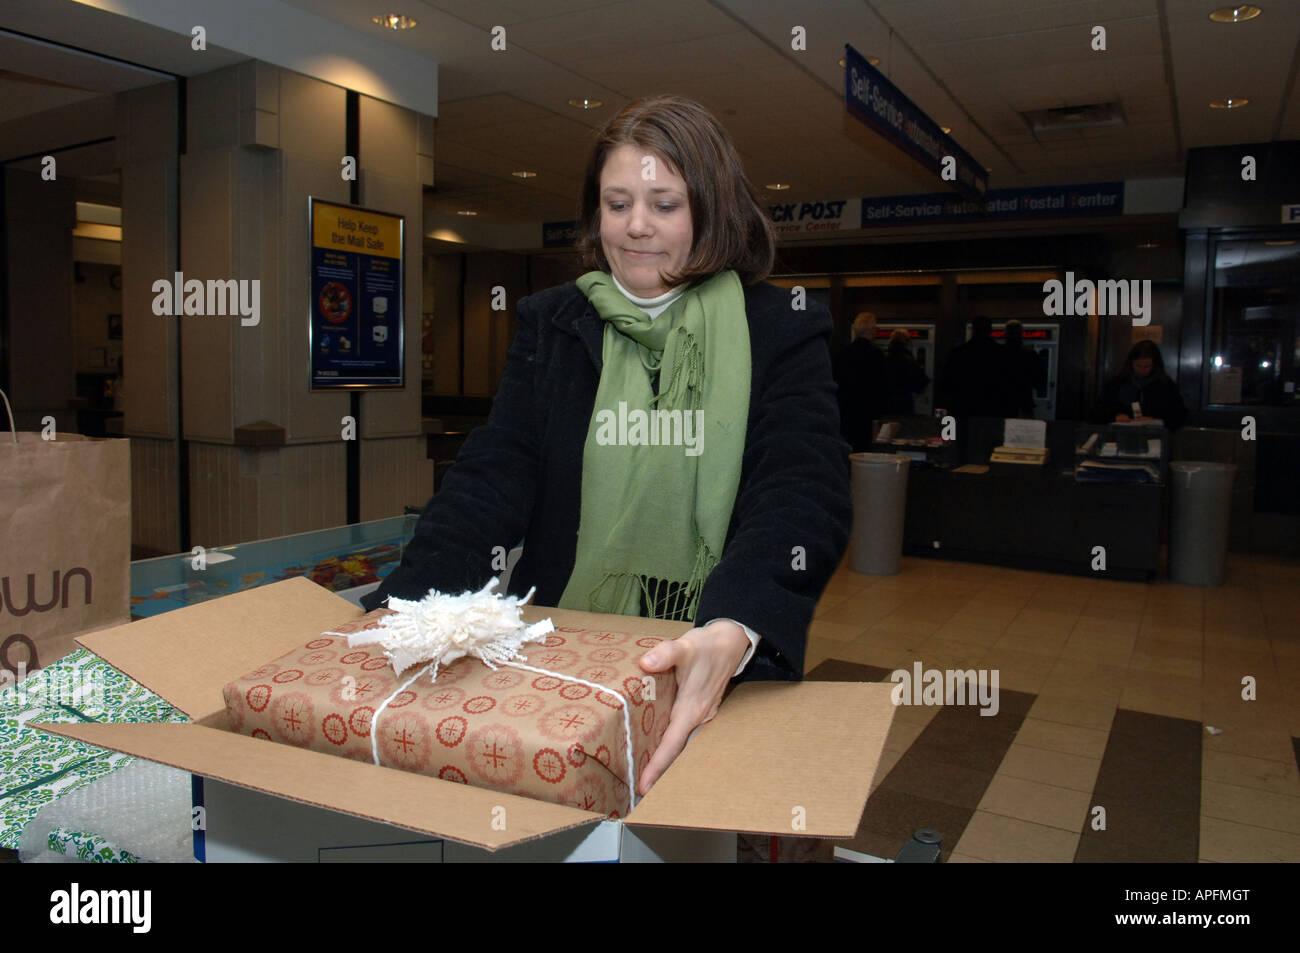 Femme mails son colis de Noël au Grand Central Post Office in NYC Banque D'Images